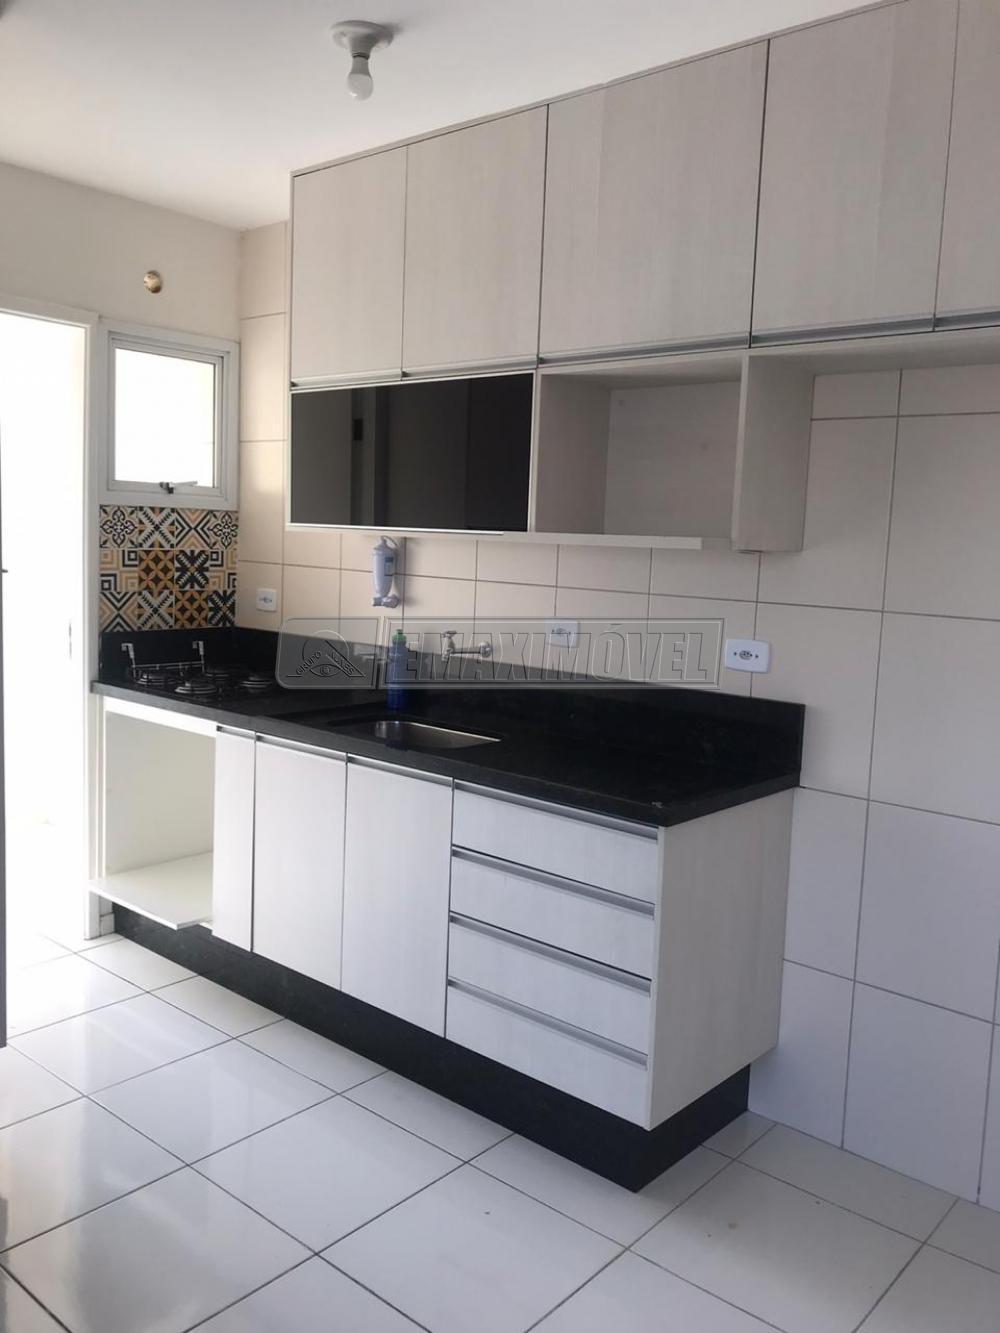 Comprar Apartamentos / Apto Padrão em Sorocaba apenas R$ 185.000,00 - Foto 17